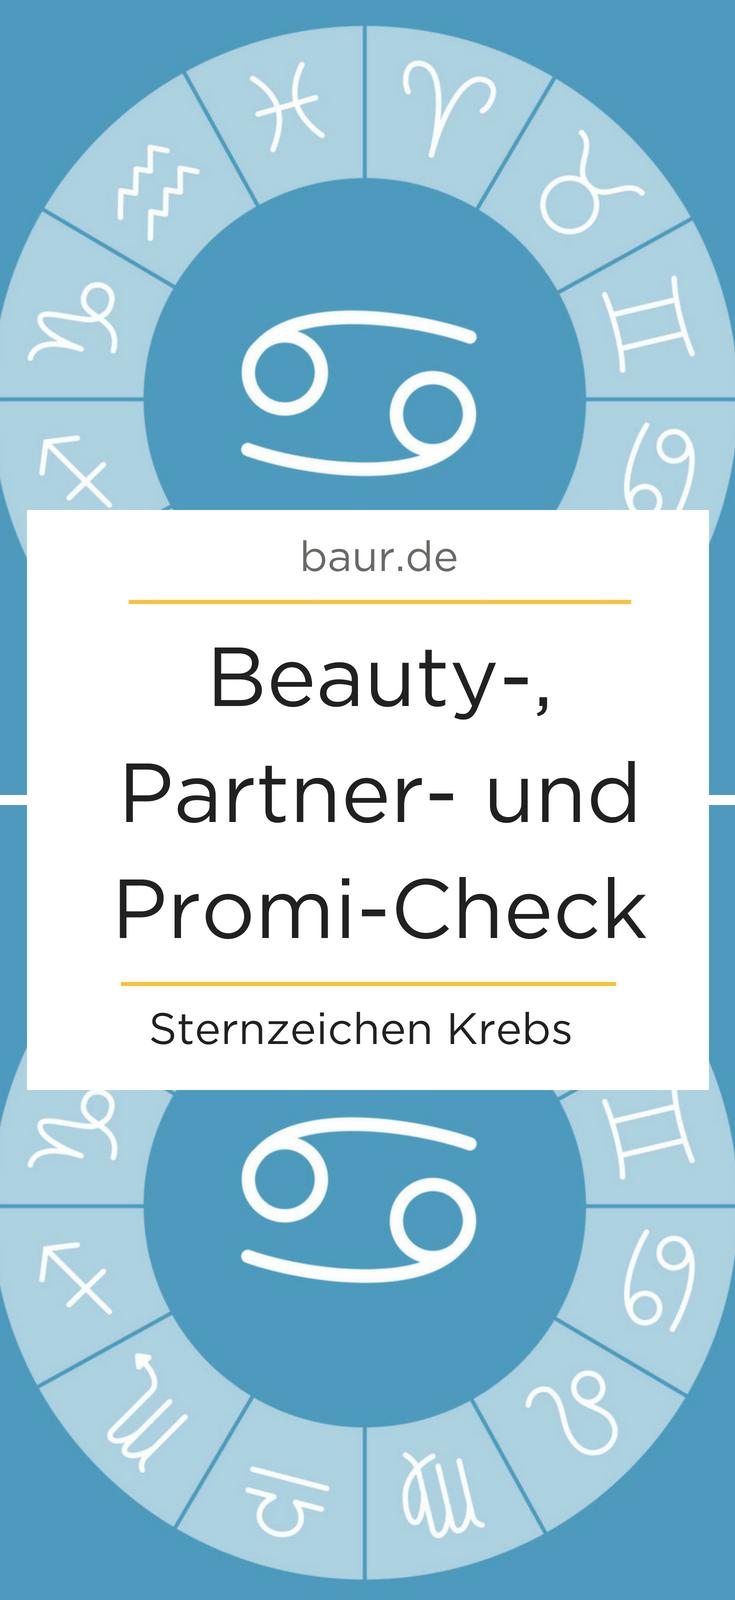 Sternzeichen Krebs Mann Passt Zu : sternzeichen krebs beauty partner promi check sternzeichen krebs sternzeichen und ~ Watch28wear.com Haus und Dekorationen